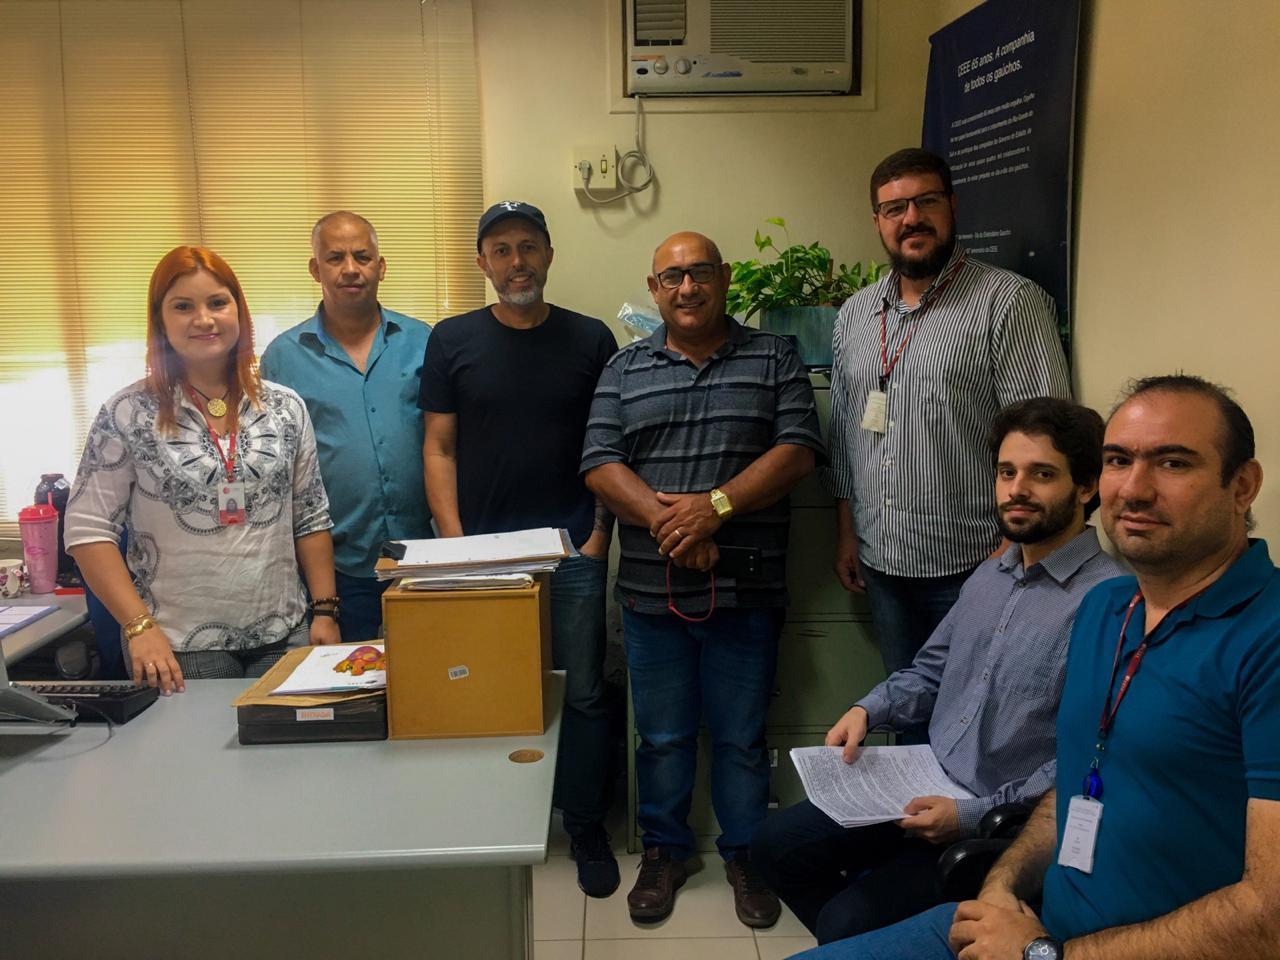 Após reunião com a Comissão de Obras e Serviços Públicos e Ver. Everton da Academia (PTB), Divisão de Engenharia da CEEE iniciará fiscalização e retirada de fios desalinhados e em desuso em Guaíba.